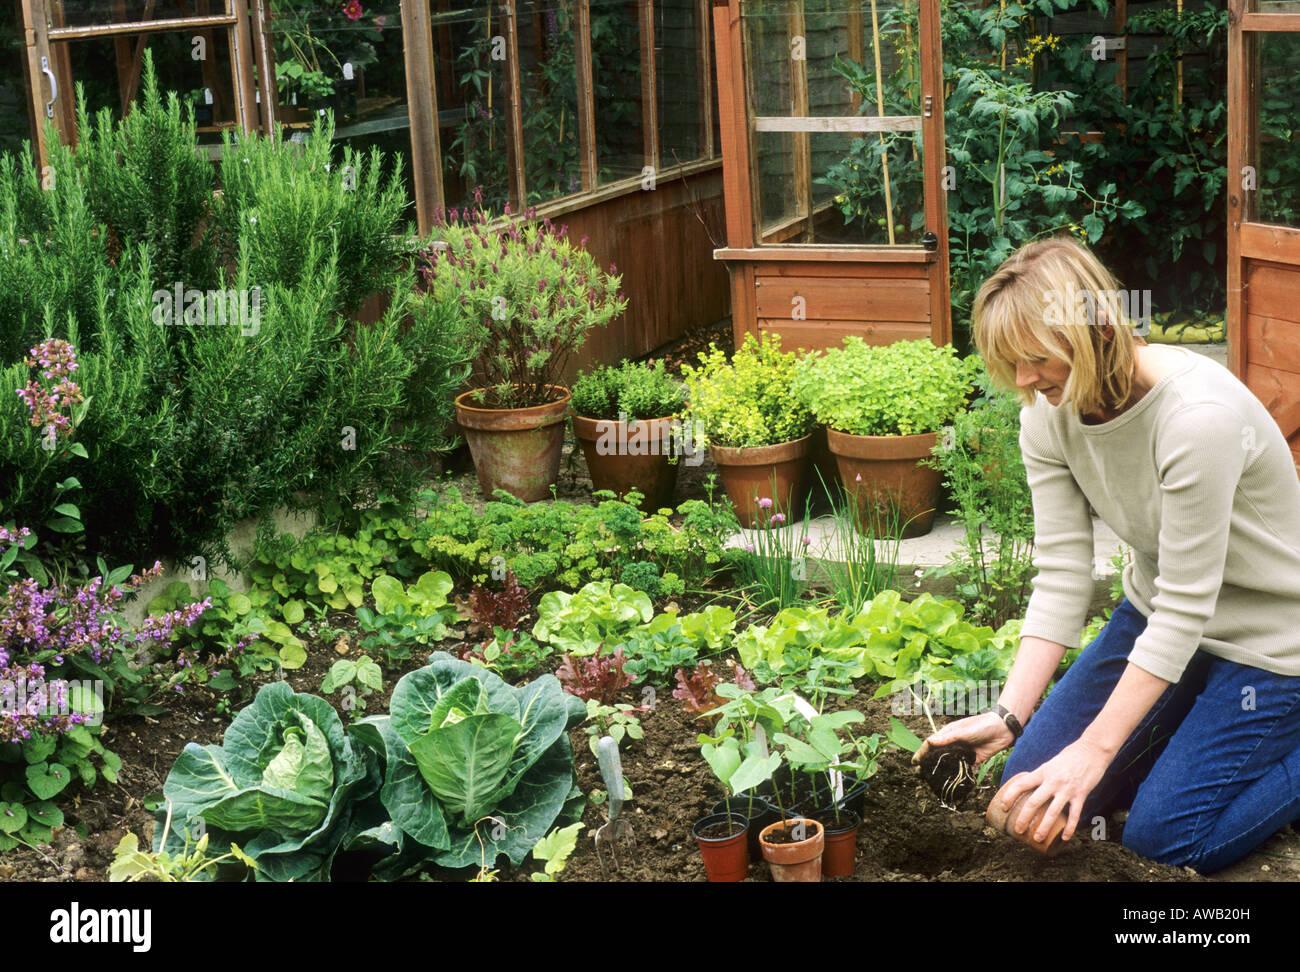 La plantation des semis de haricots verts femme serre jardin ...